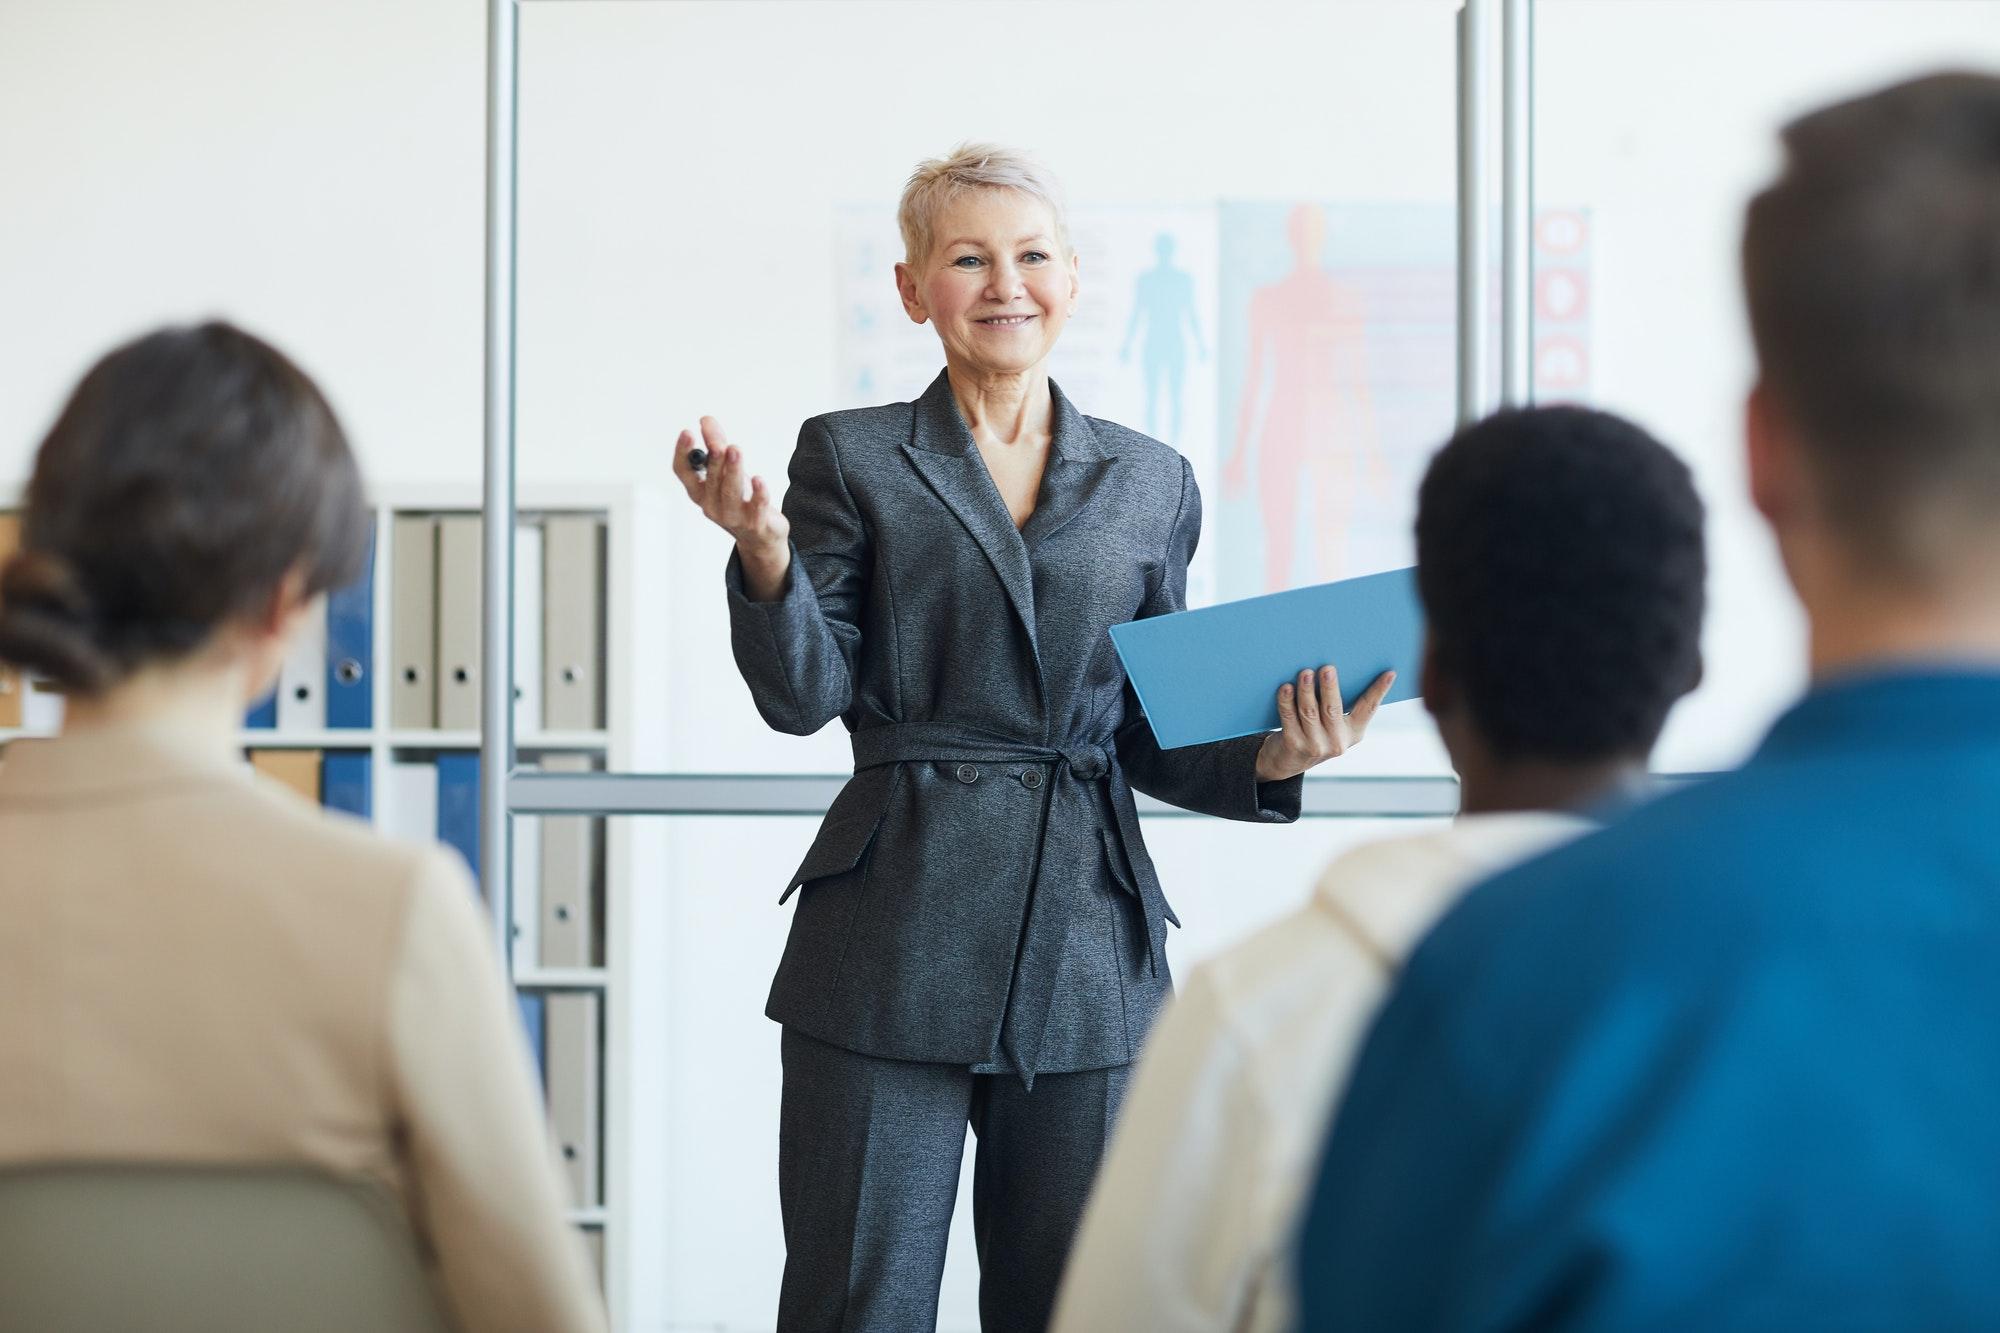 Coach d'entreprise ou coach d'affaires pour entrepreneur et travailleur autonome